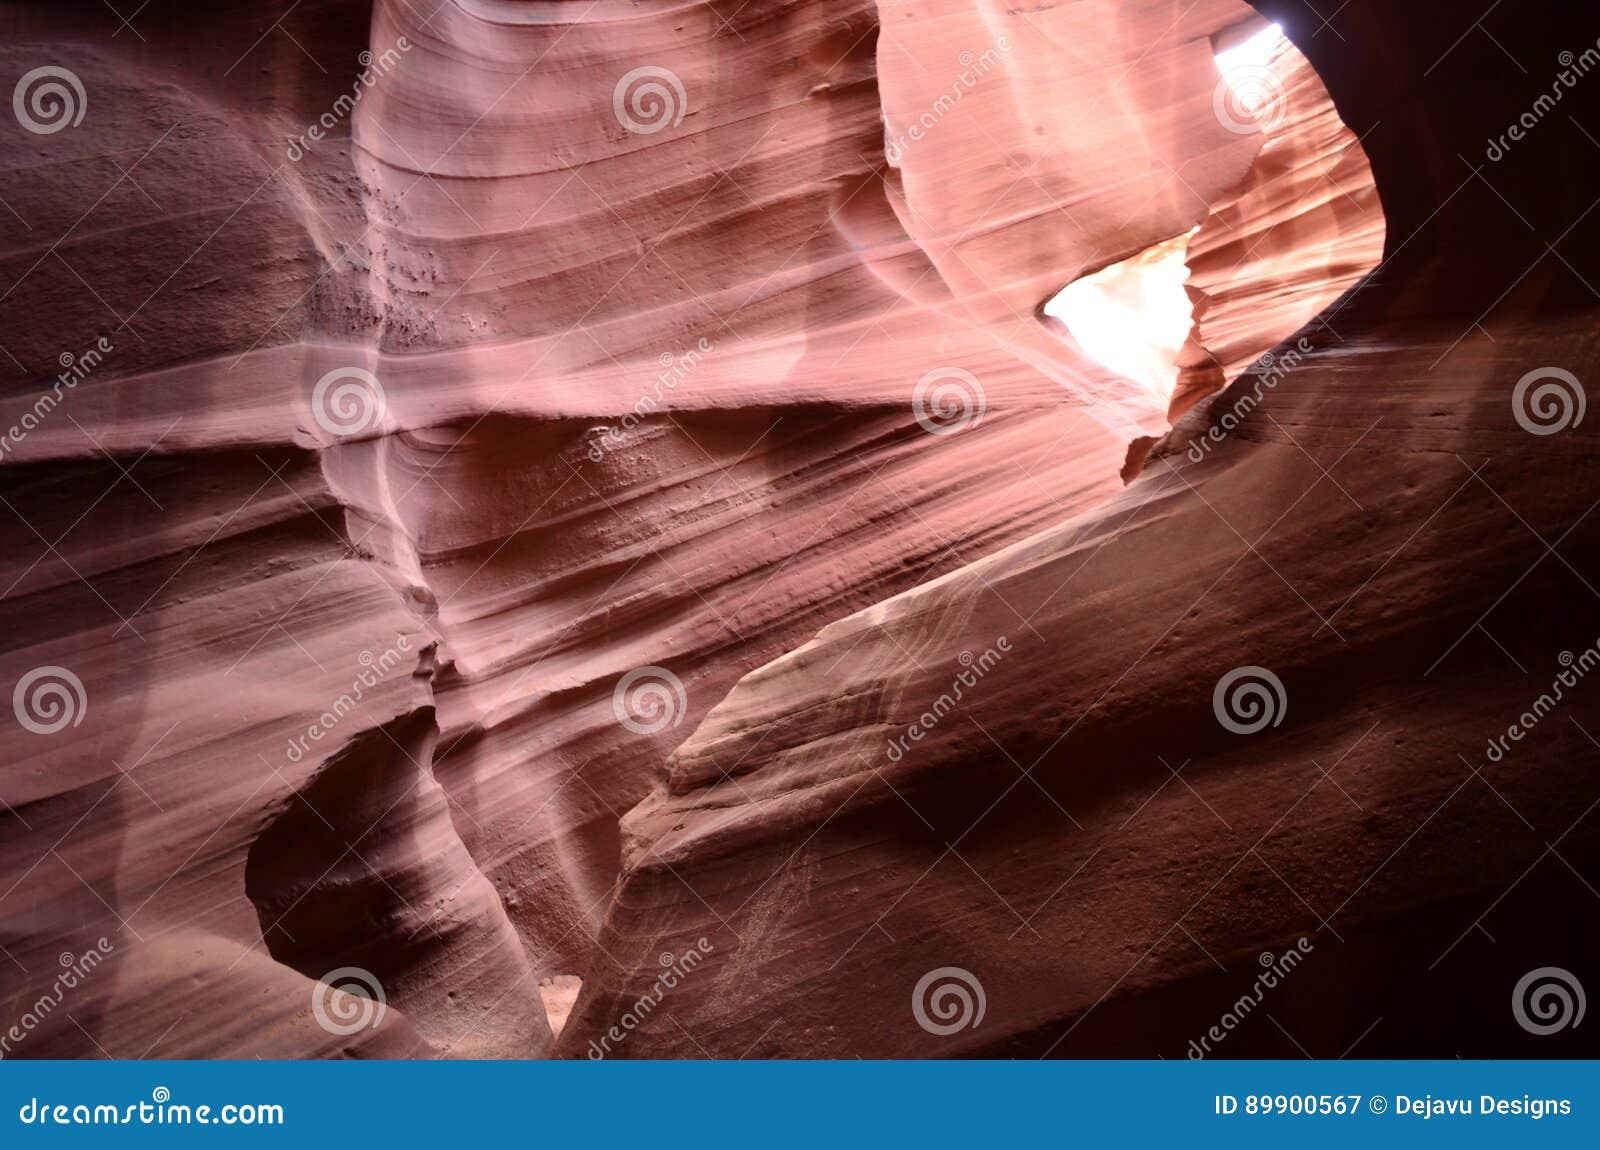 Garganta vermelha do entalhe da rocha vestida completamente das inundações repentinas